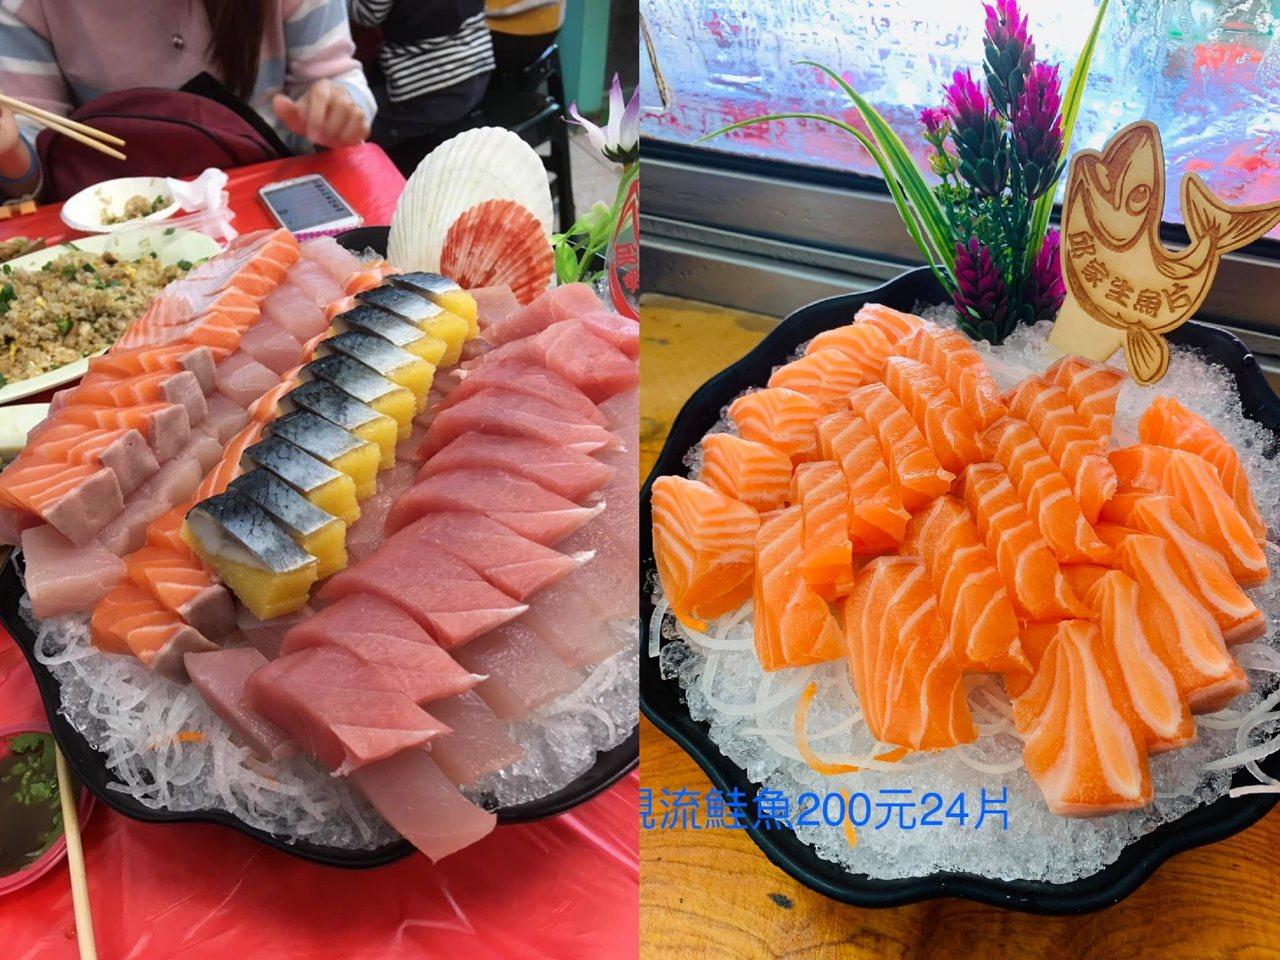 網友分享自己在後壁湖吃的生魚片。圖/摘自爆廢公社二館、後壁湖邱家生魚片臉書